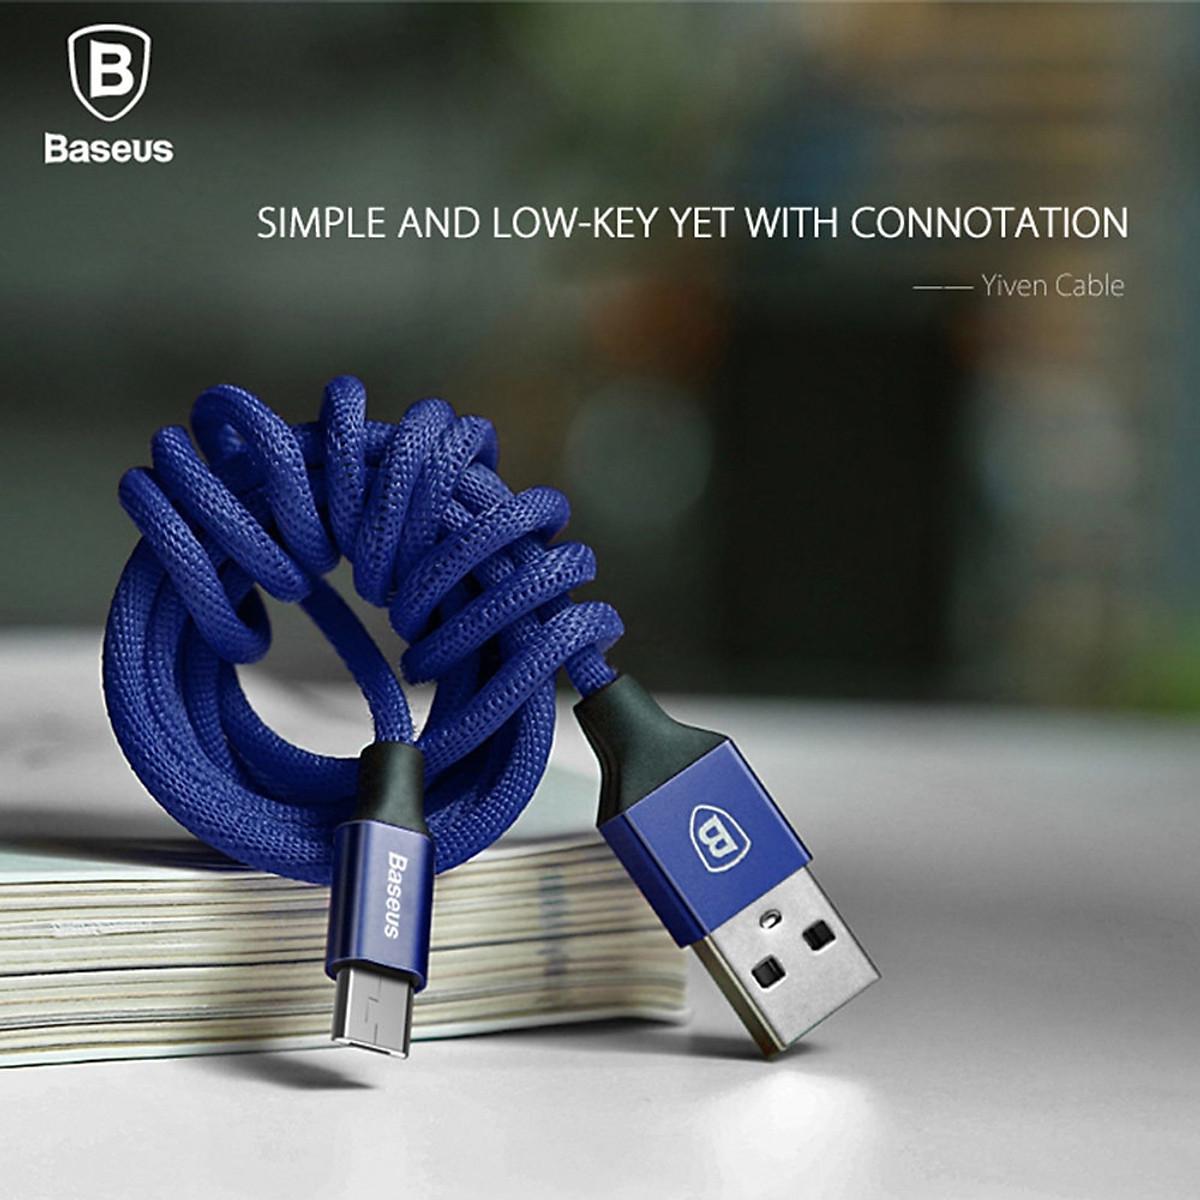 Cáp sạc USB ra Micro USB Baseus Yiven dài 1m - Hàng chính hãng - 3